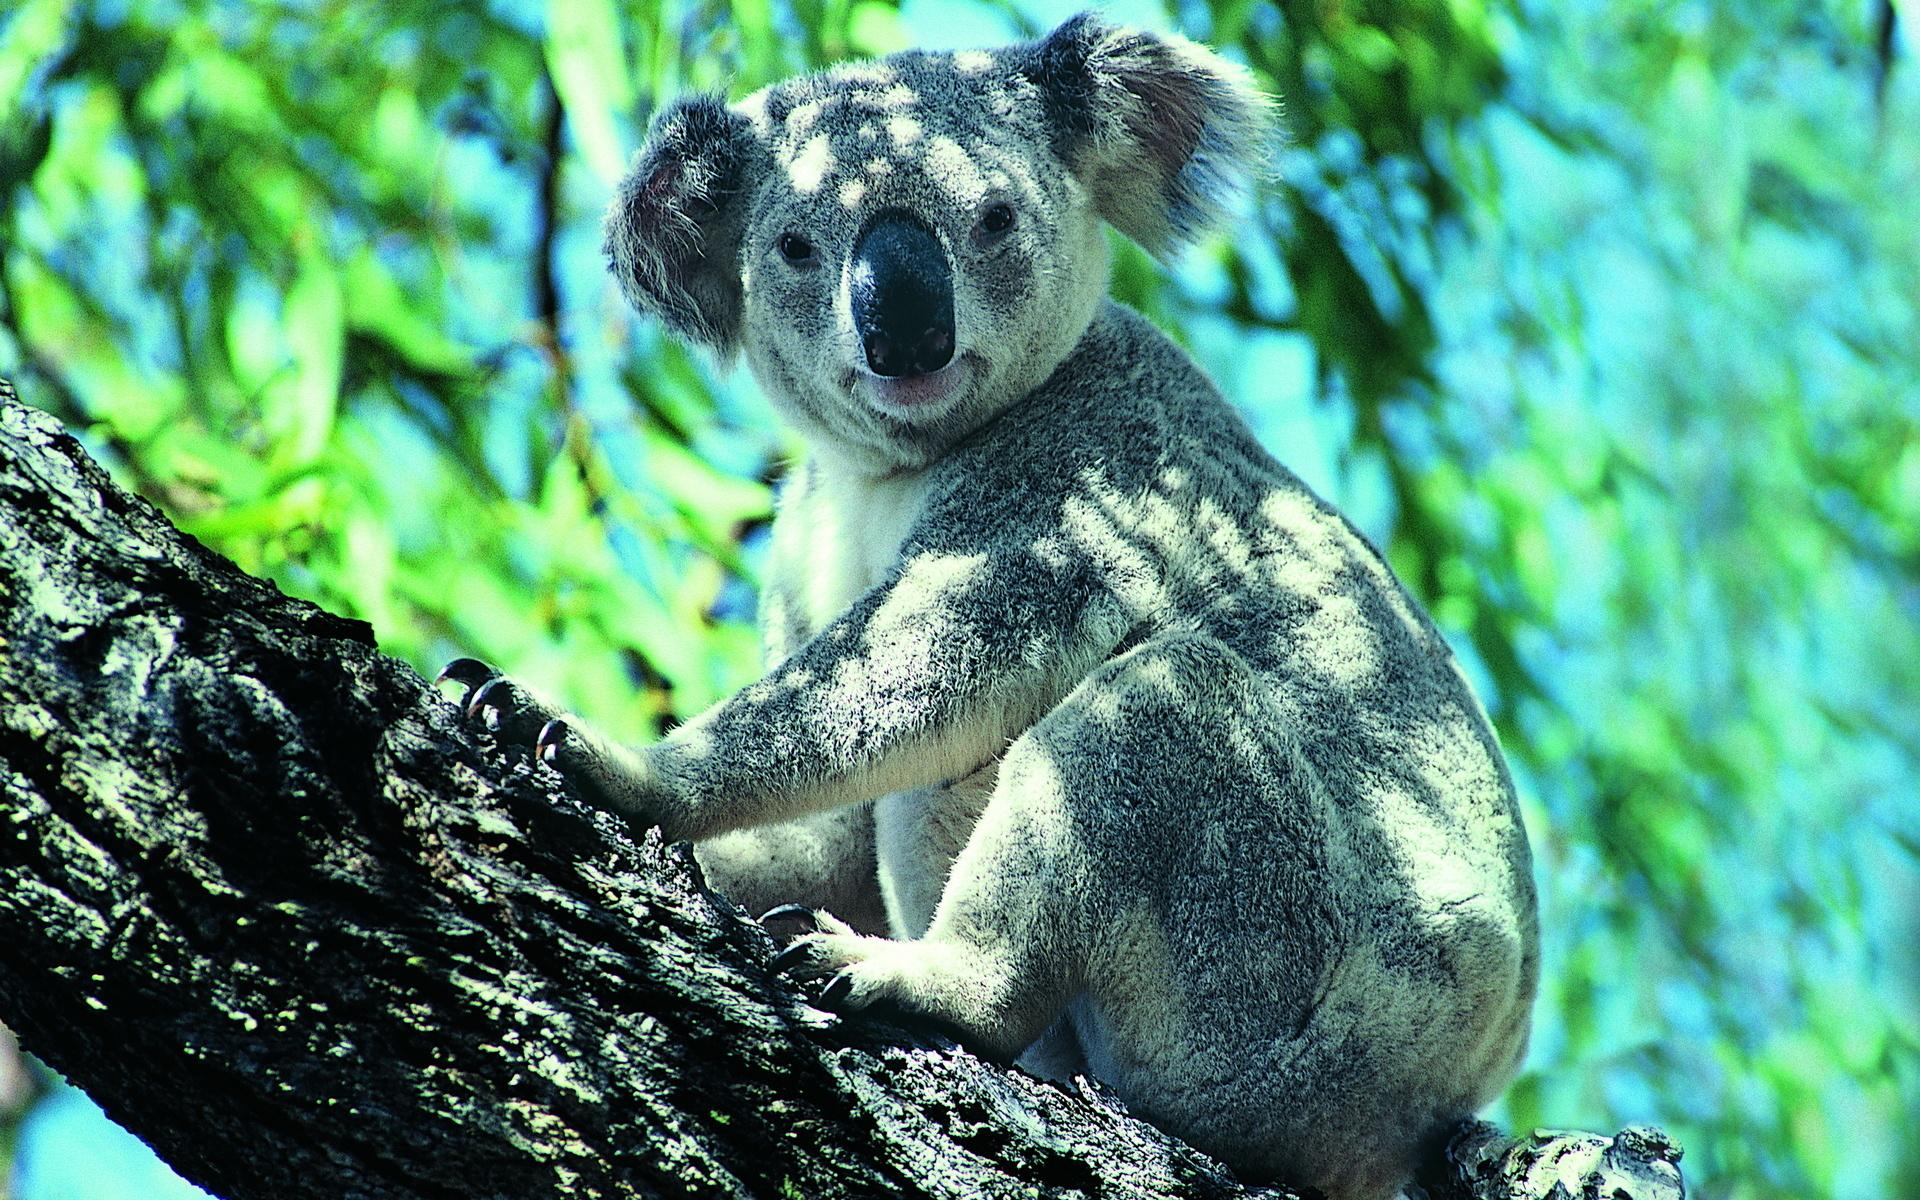 Koala HD Wallpaper | Download HD Wallpapers for Desktop